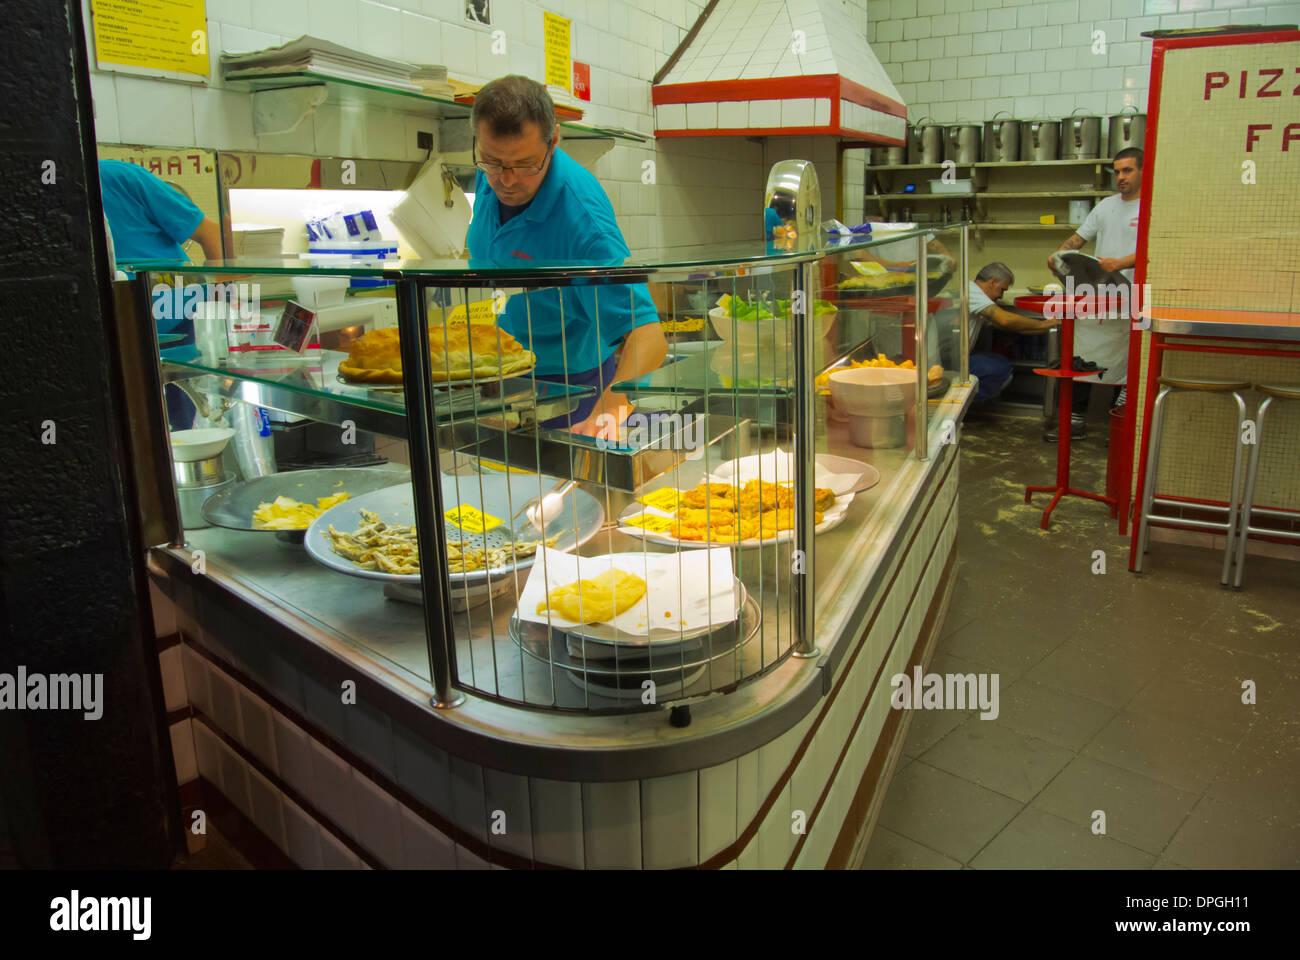 Prendere via cibo negozio di vendita di cucina locale e produrre Piazza Caricamento square centro storico del centro storico di Genova, Italia Immagini Stock